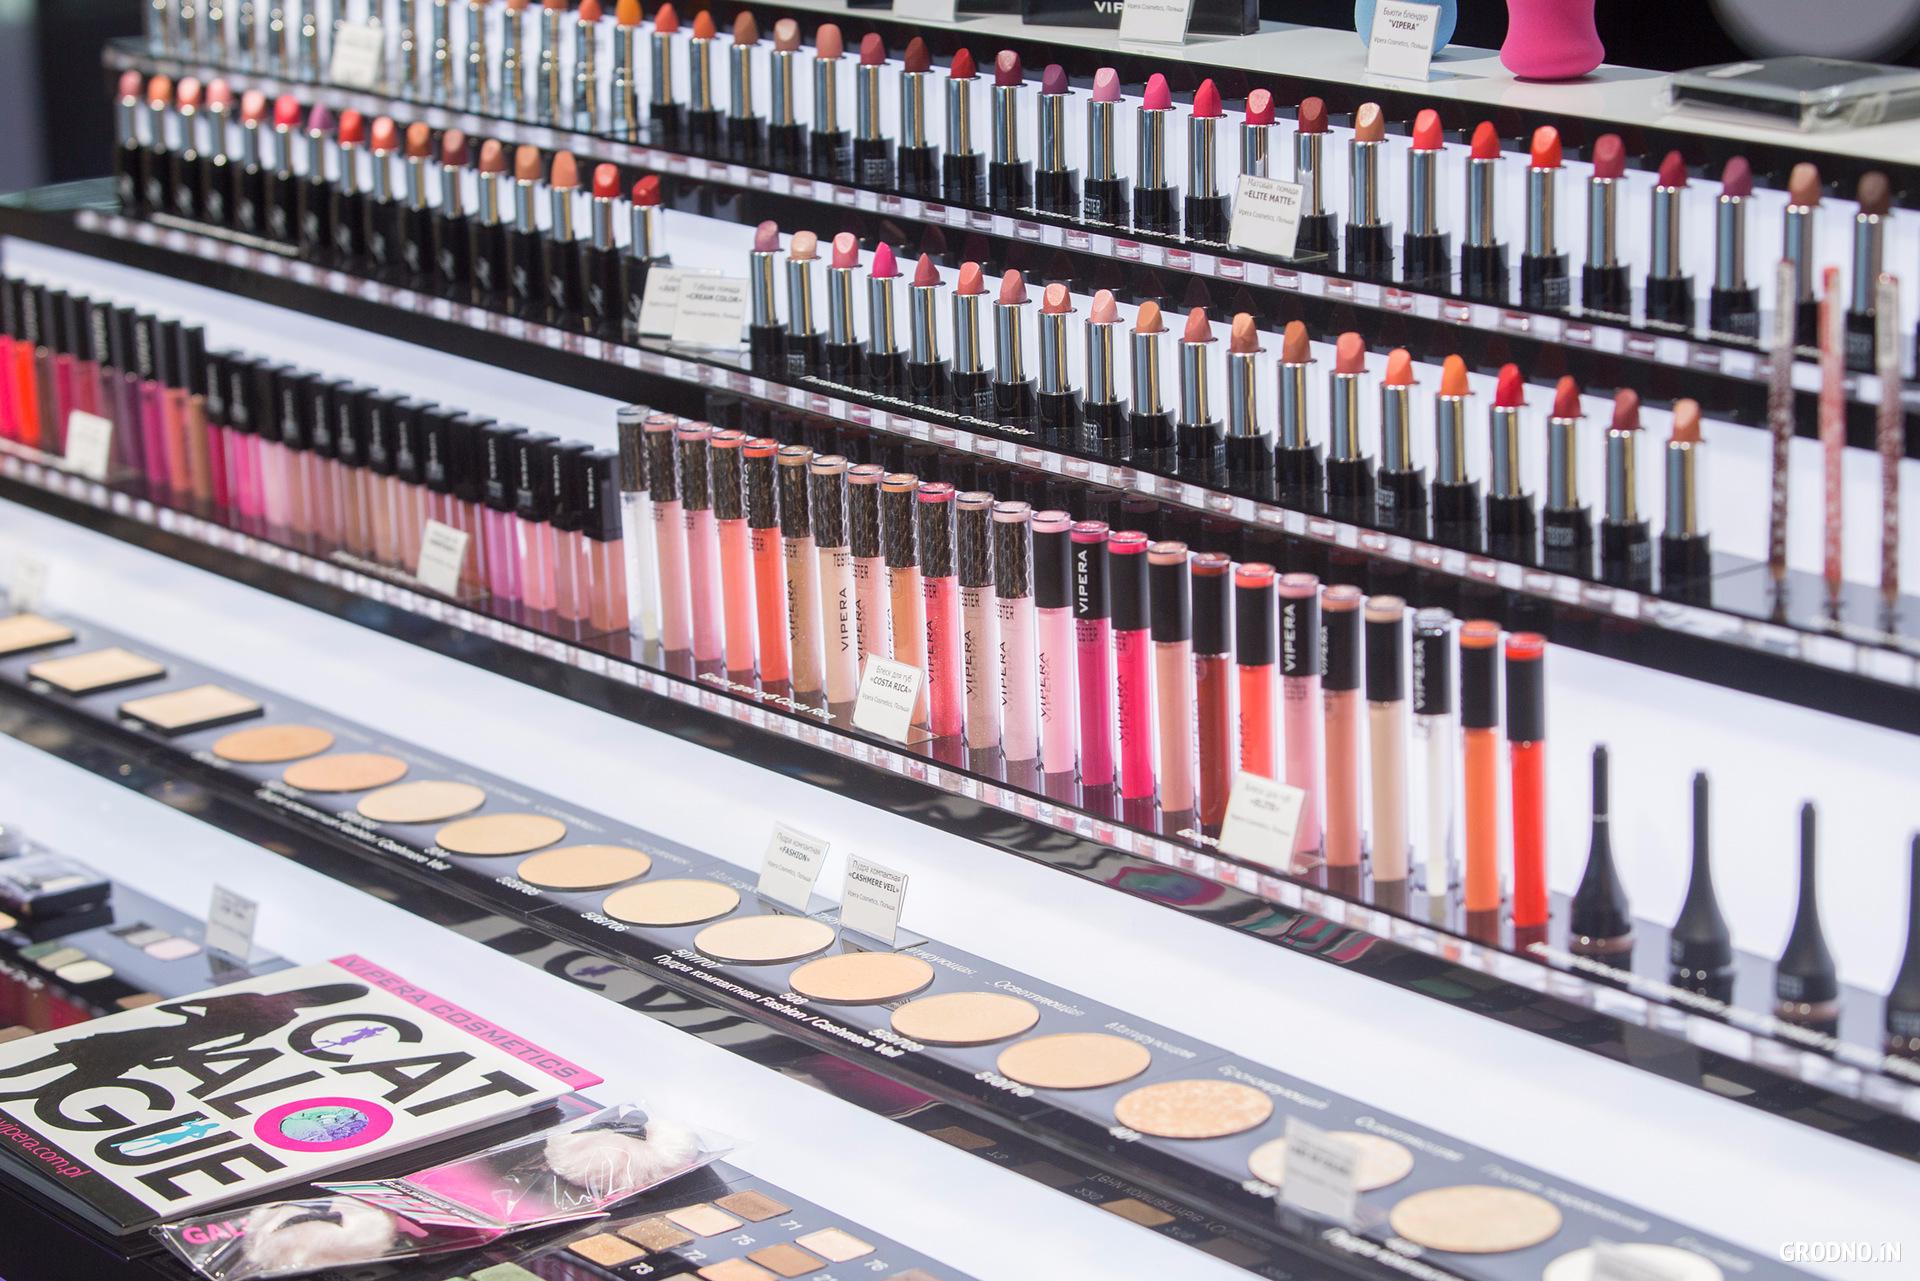 Косметика випера купить в интернет магазине косметика сайт avon